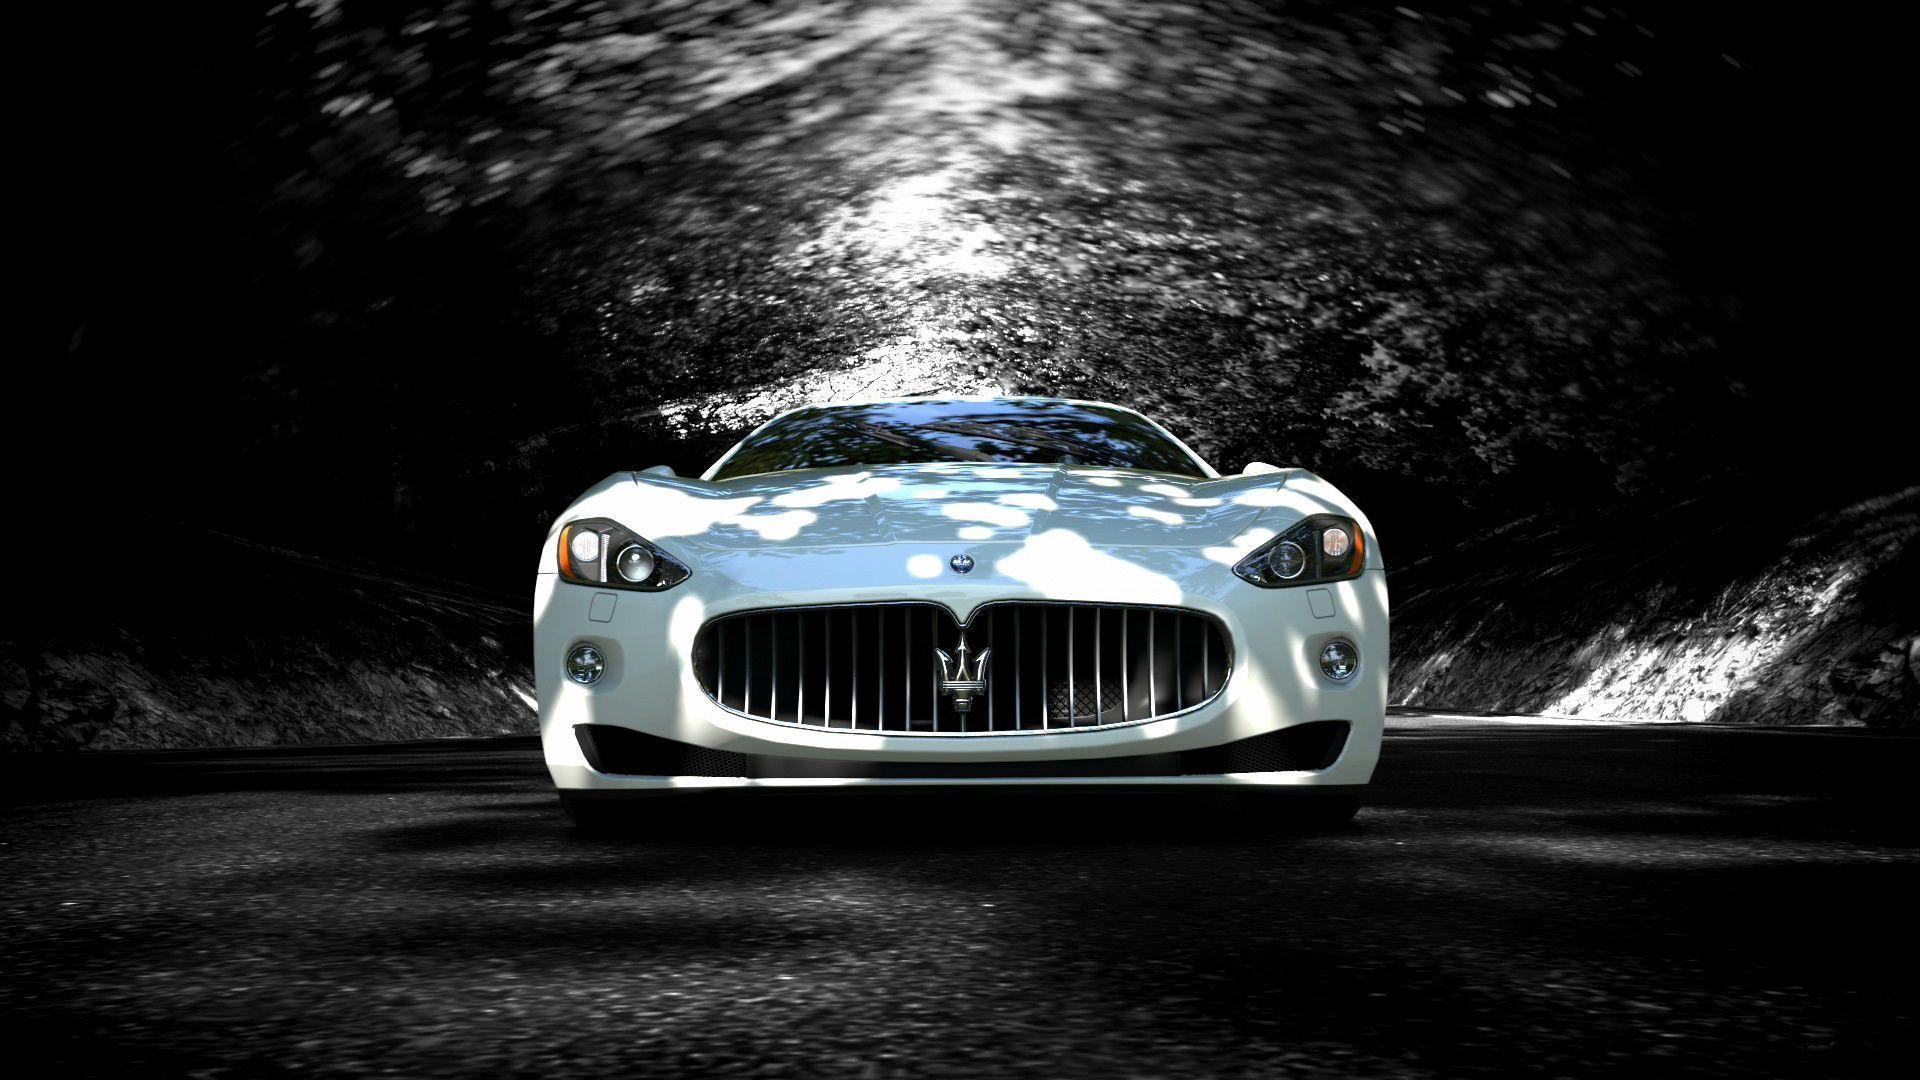 Maserati Wallpaper Laptop Maserati Wallpapers Top Free Maserati Backgrounds Wallpaperaccess maserati wallpapers top free maserati